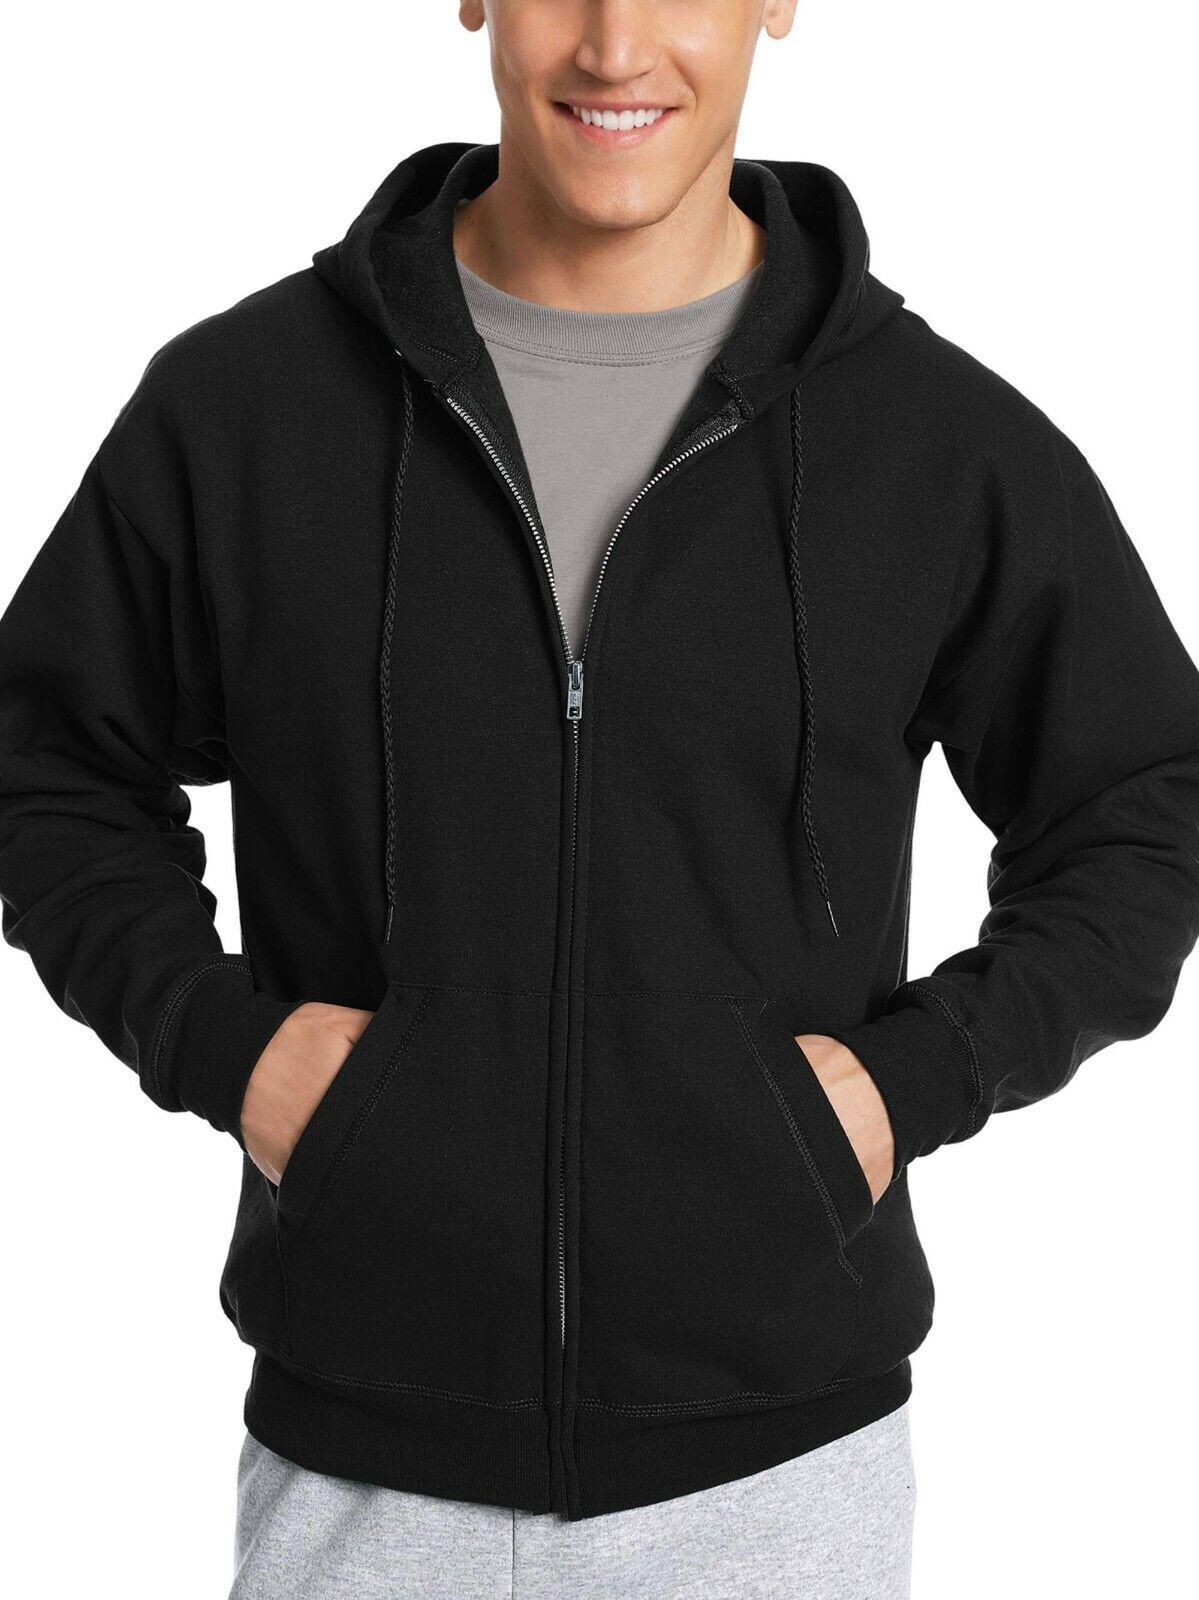 Hanes Men's Ecosmart Fleece Zip Up Hoodie with Pockets, Blac